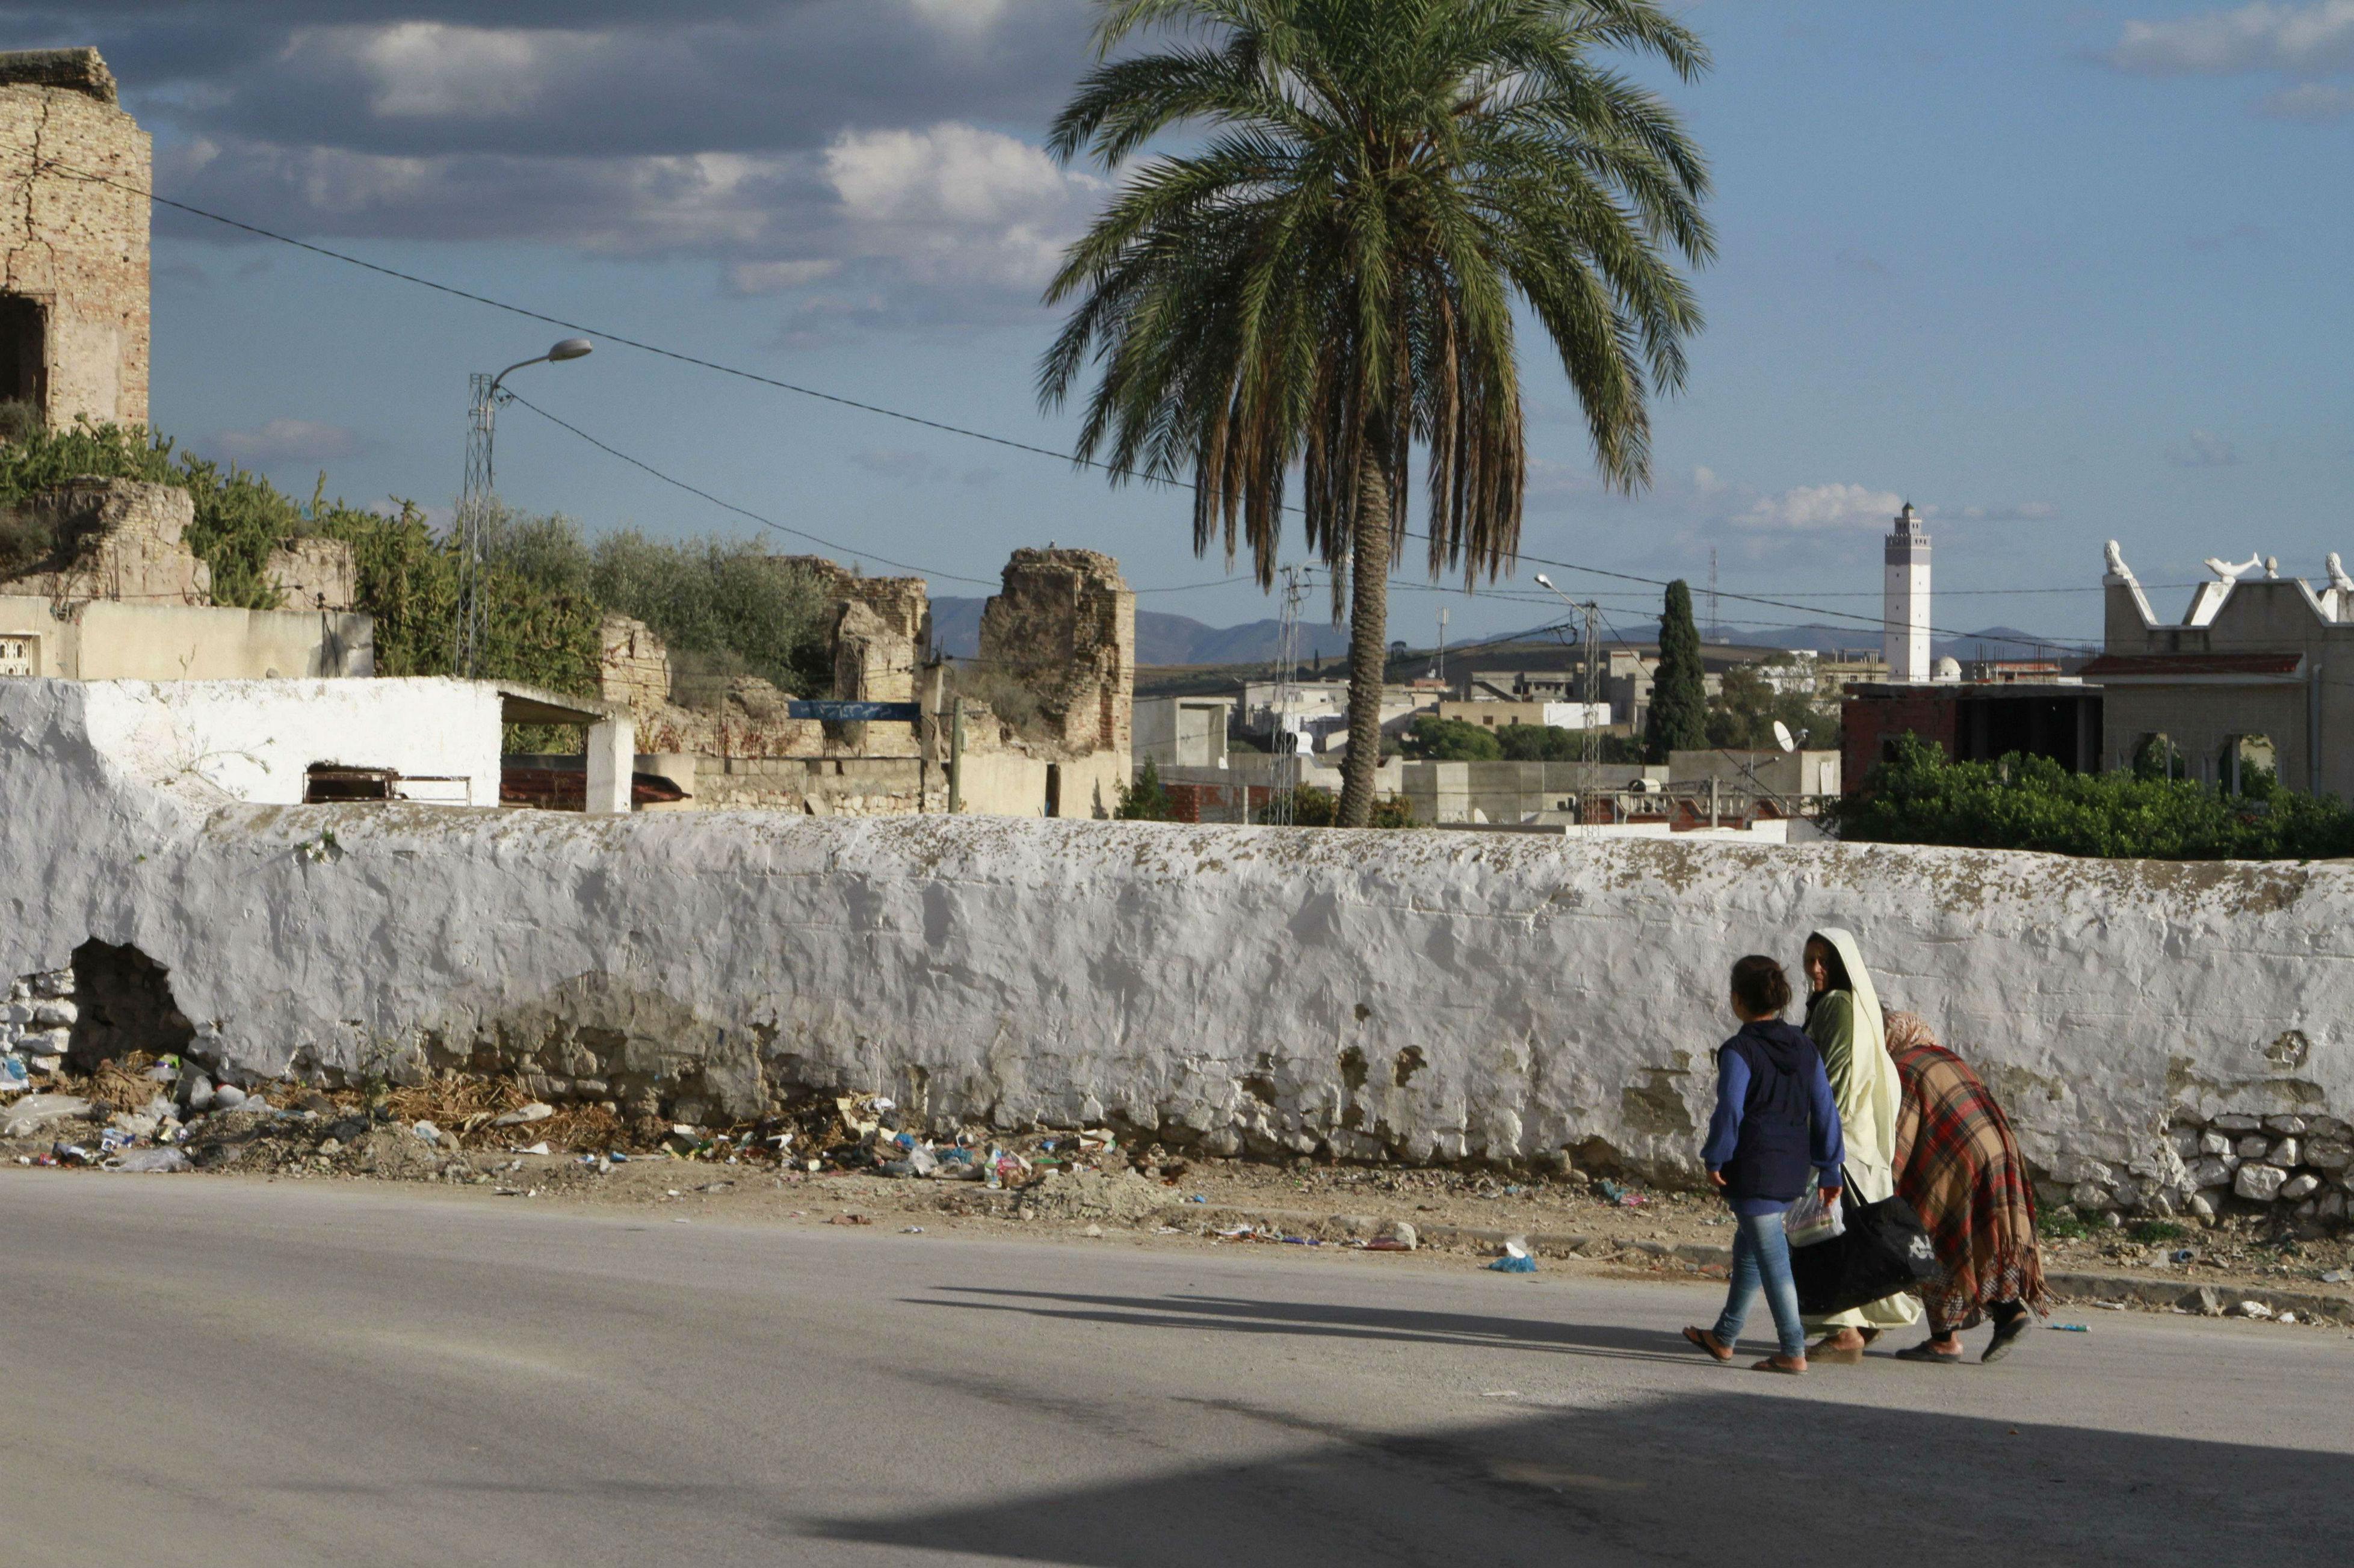 Mhamdiya, un quartier de la banlieue de Tunis d'où sont partis de nombreux jeunes qui ont rejoint des groupes jihadistes en Syrie et en Libye.